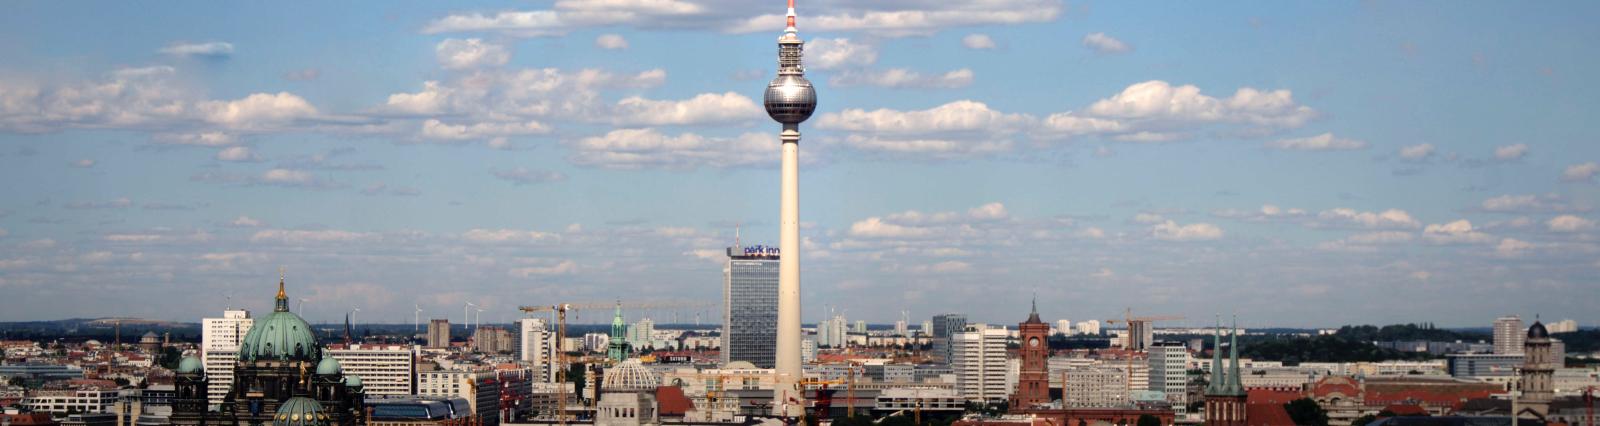 Kuchen Berlin Einfach Kuchen In Berlin Vergleichen Planen Mit